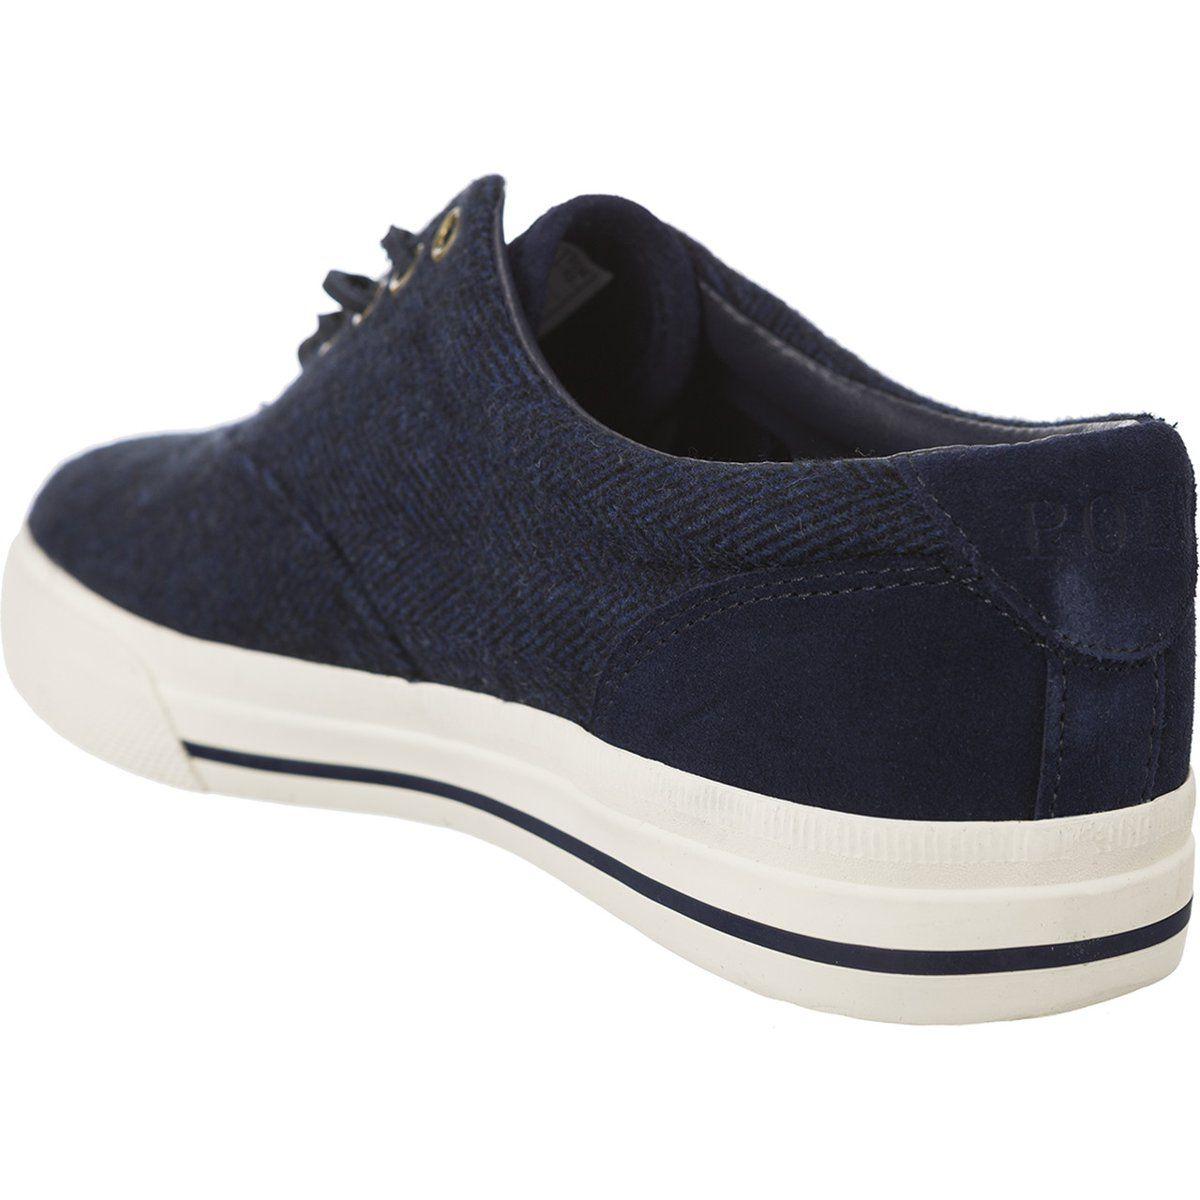 Polbuty Meskie Poloralphlauren Polo Ralph Lauren Granatowe Vaughn 816672078001 Sneakers Slip On Sneaker Polo Ralph Lauren